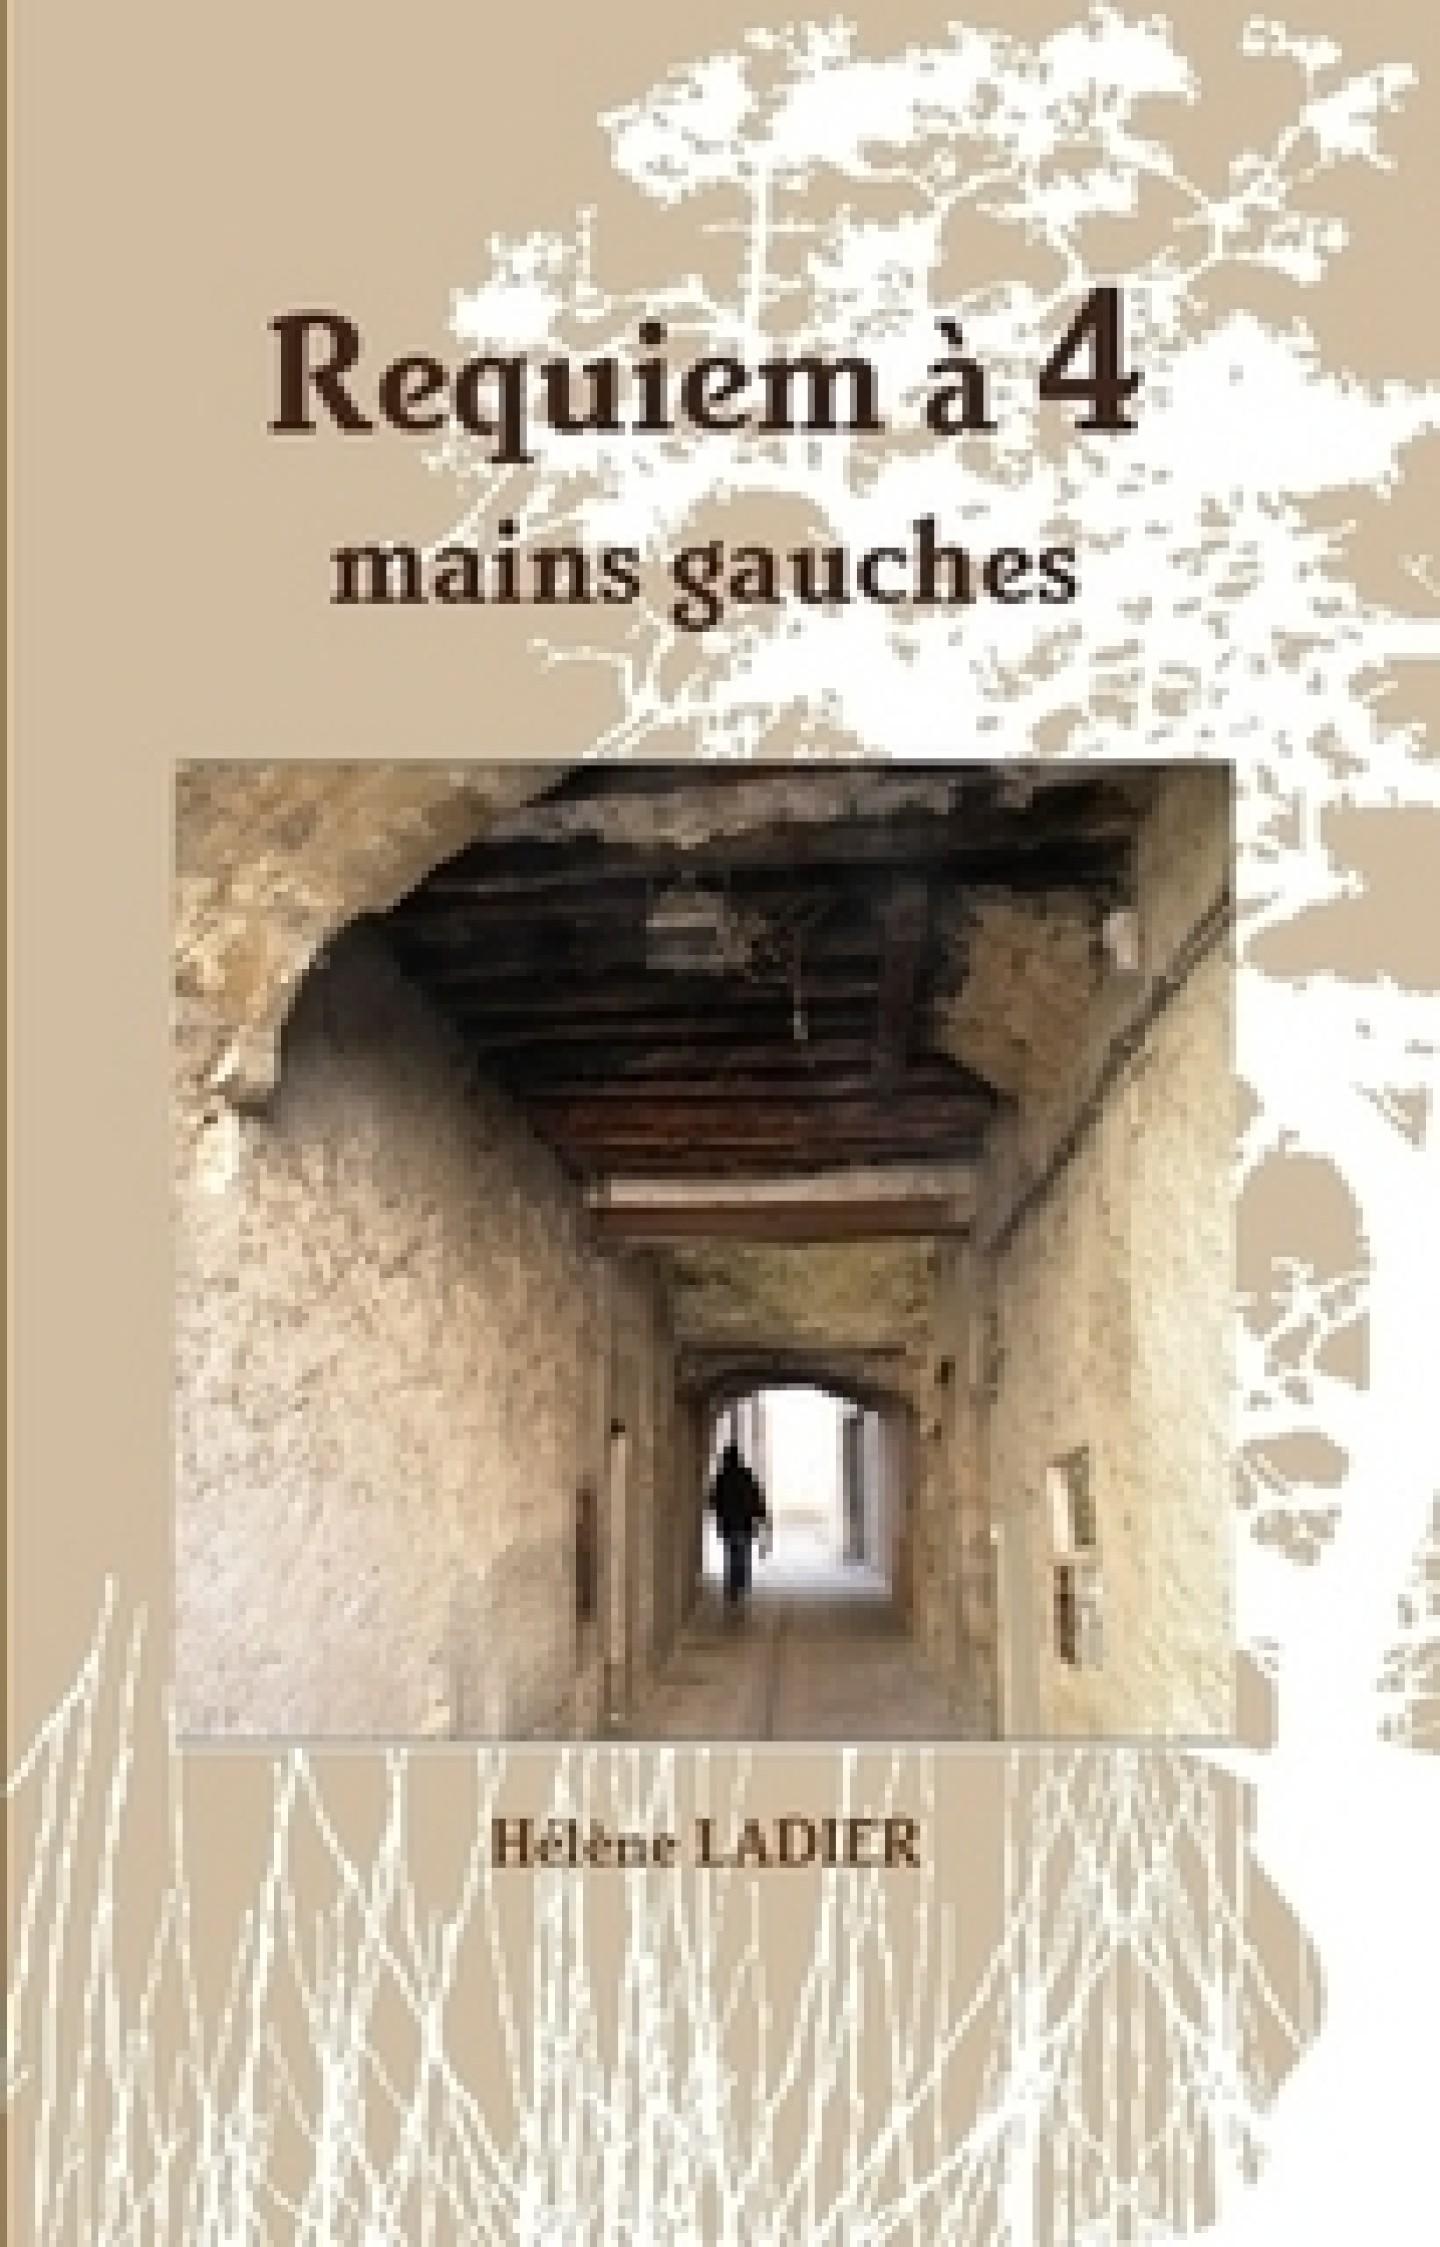 Requiem à 4 mains gauches, le nouveau roman d'Hélène Ladier